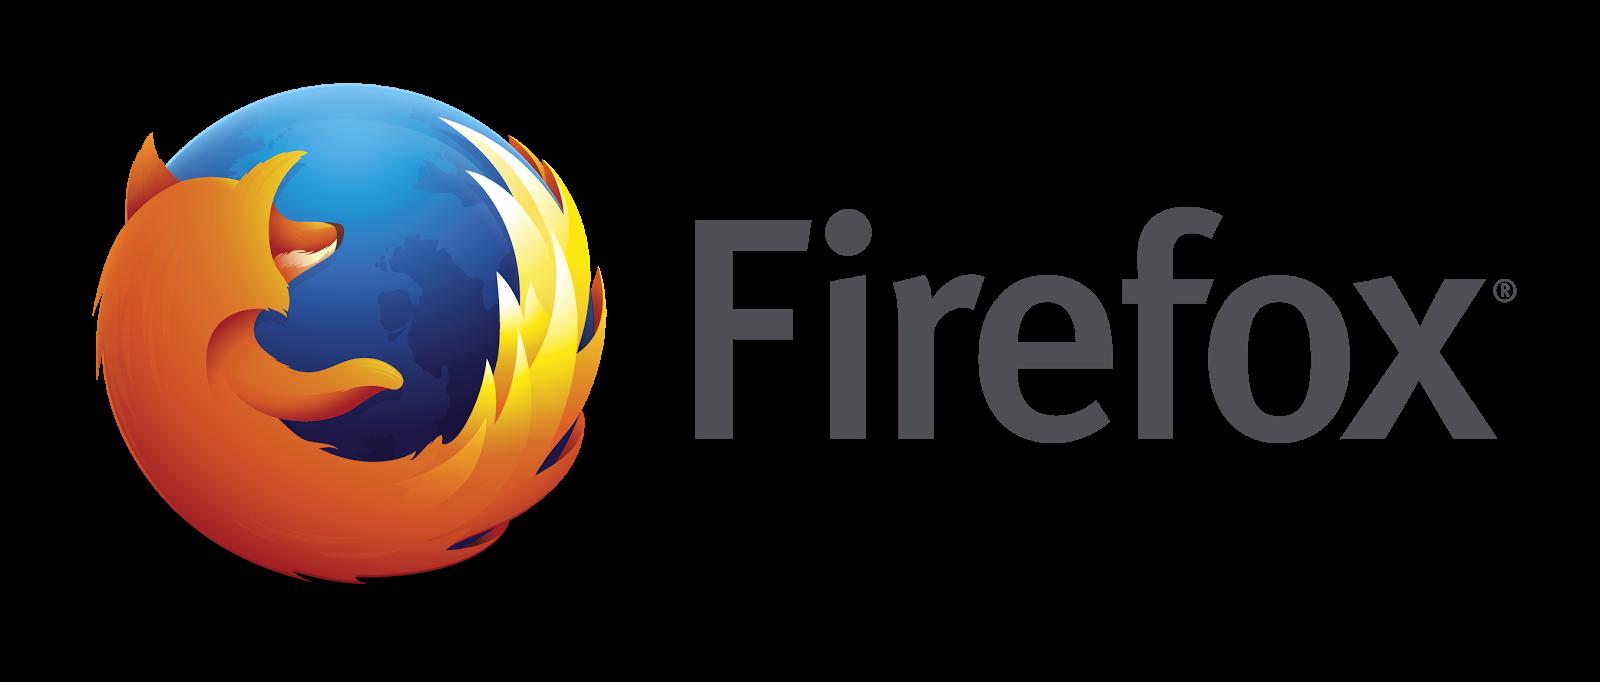 mozilla-firefox-logo-image